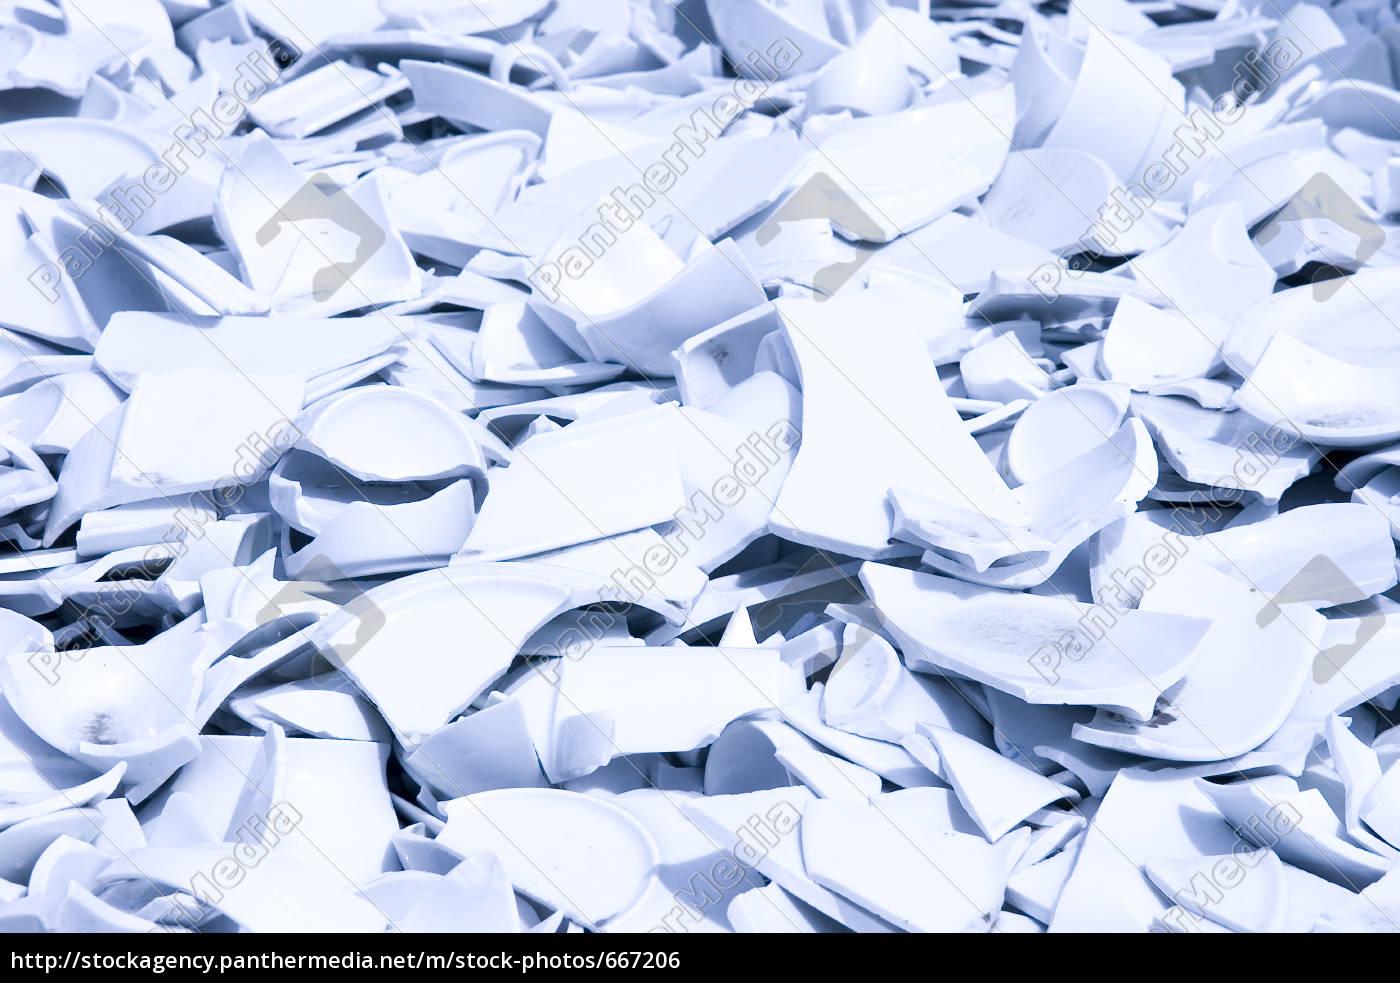 shards - 667206